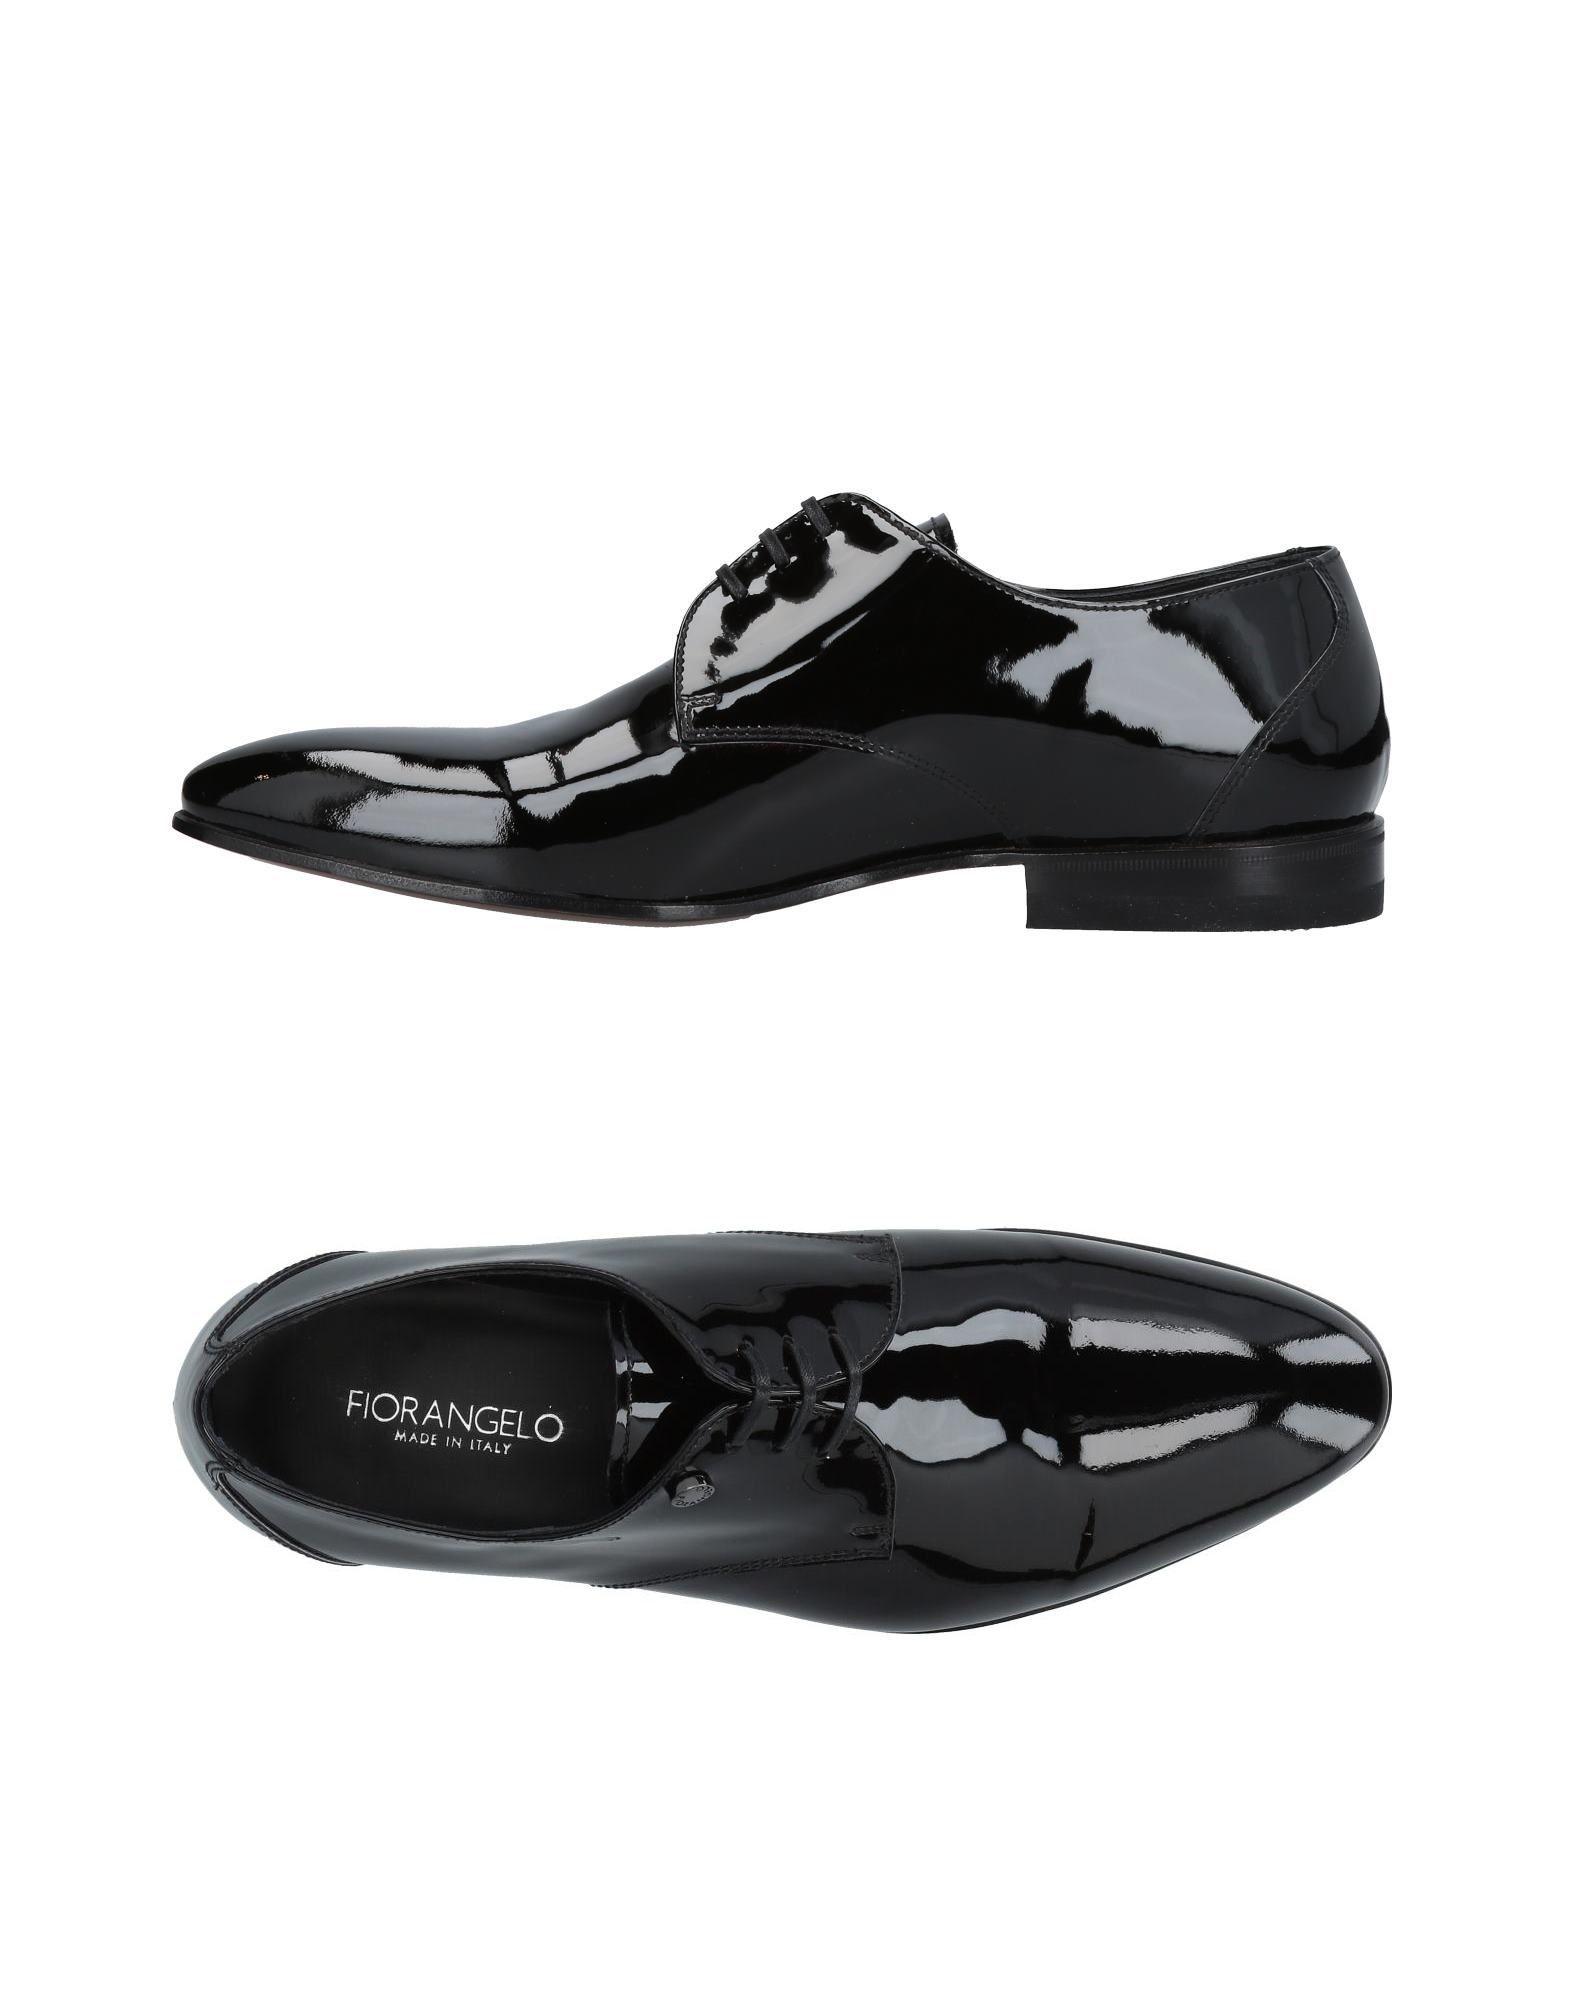 Fiorangelo Schnürschuhe Herren  11448330OR Gute Qualität beliebte Schuhe